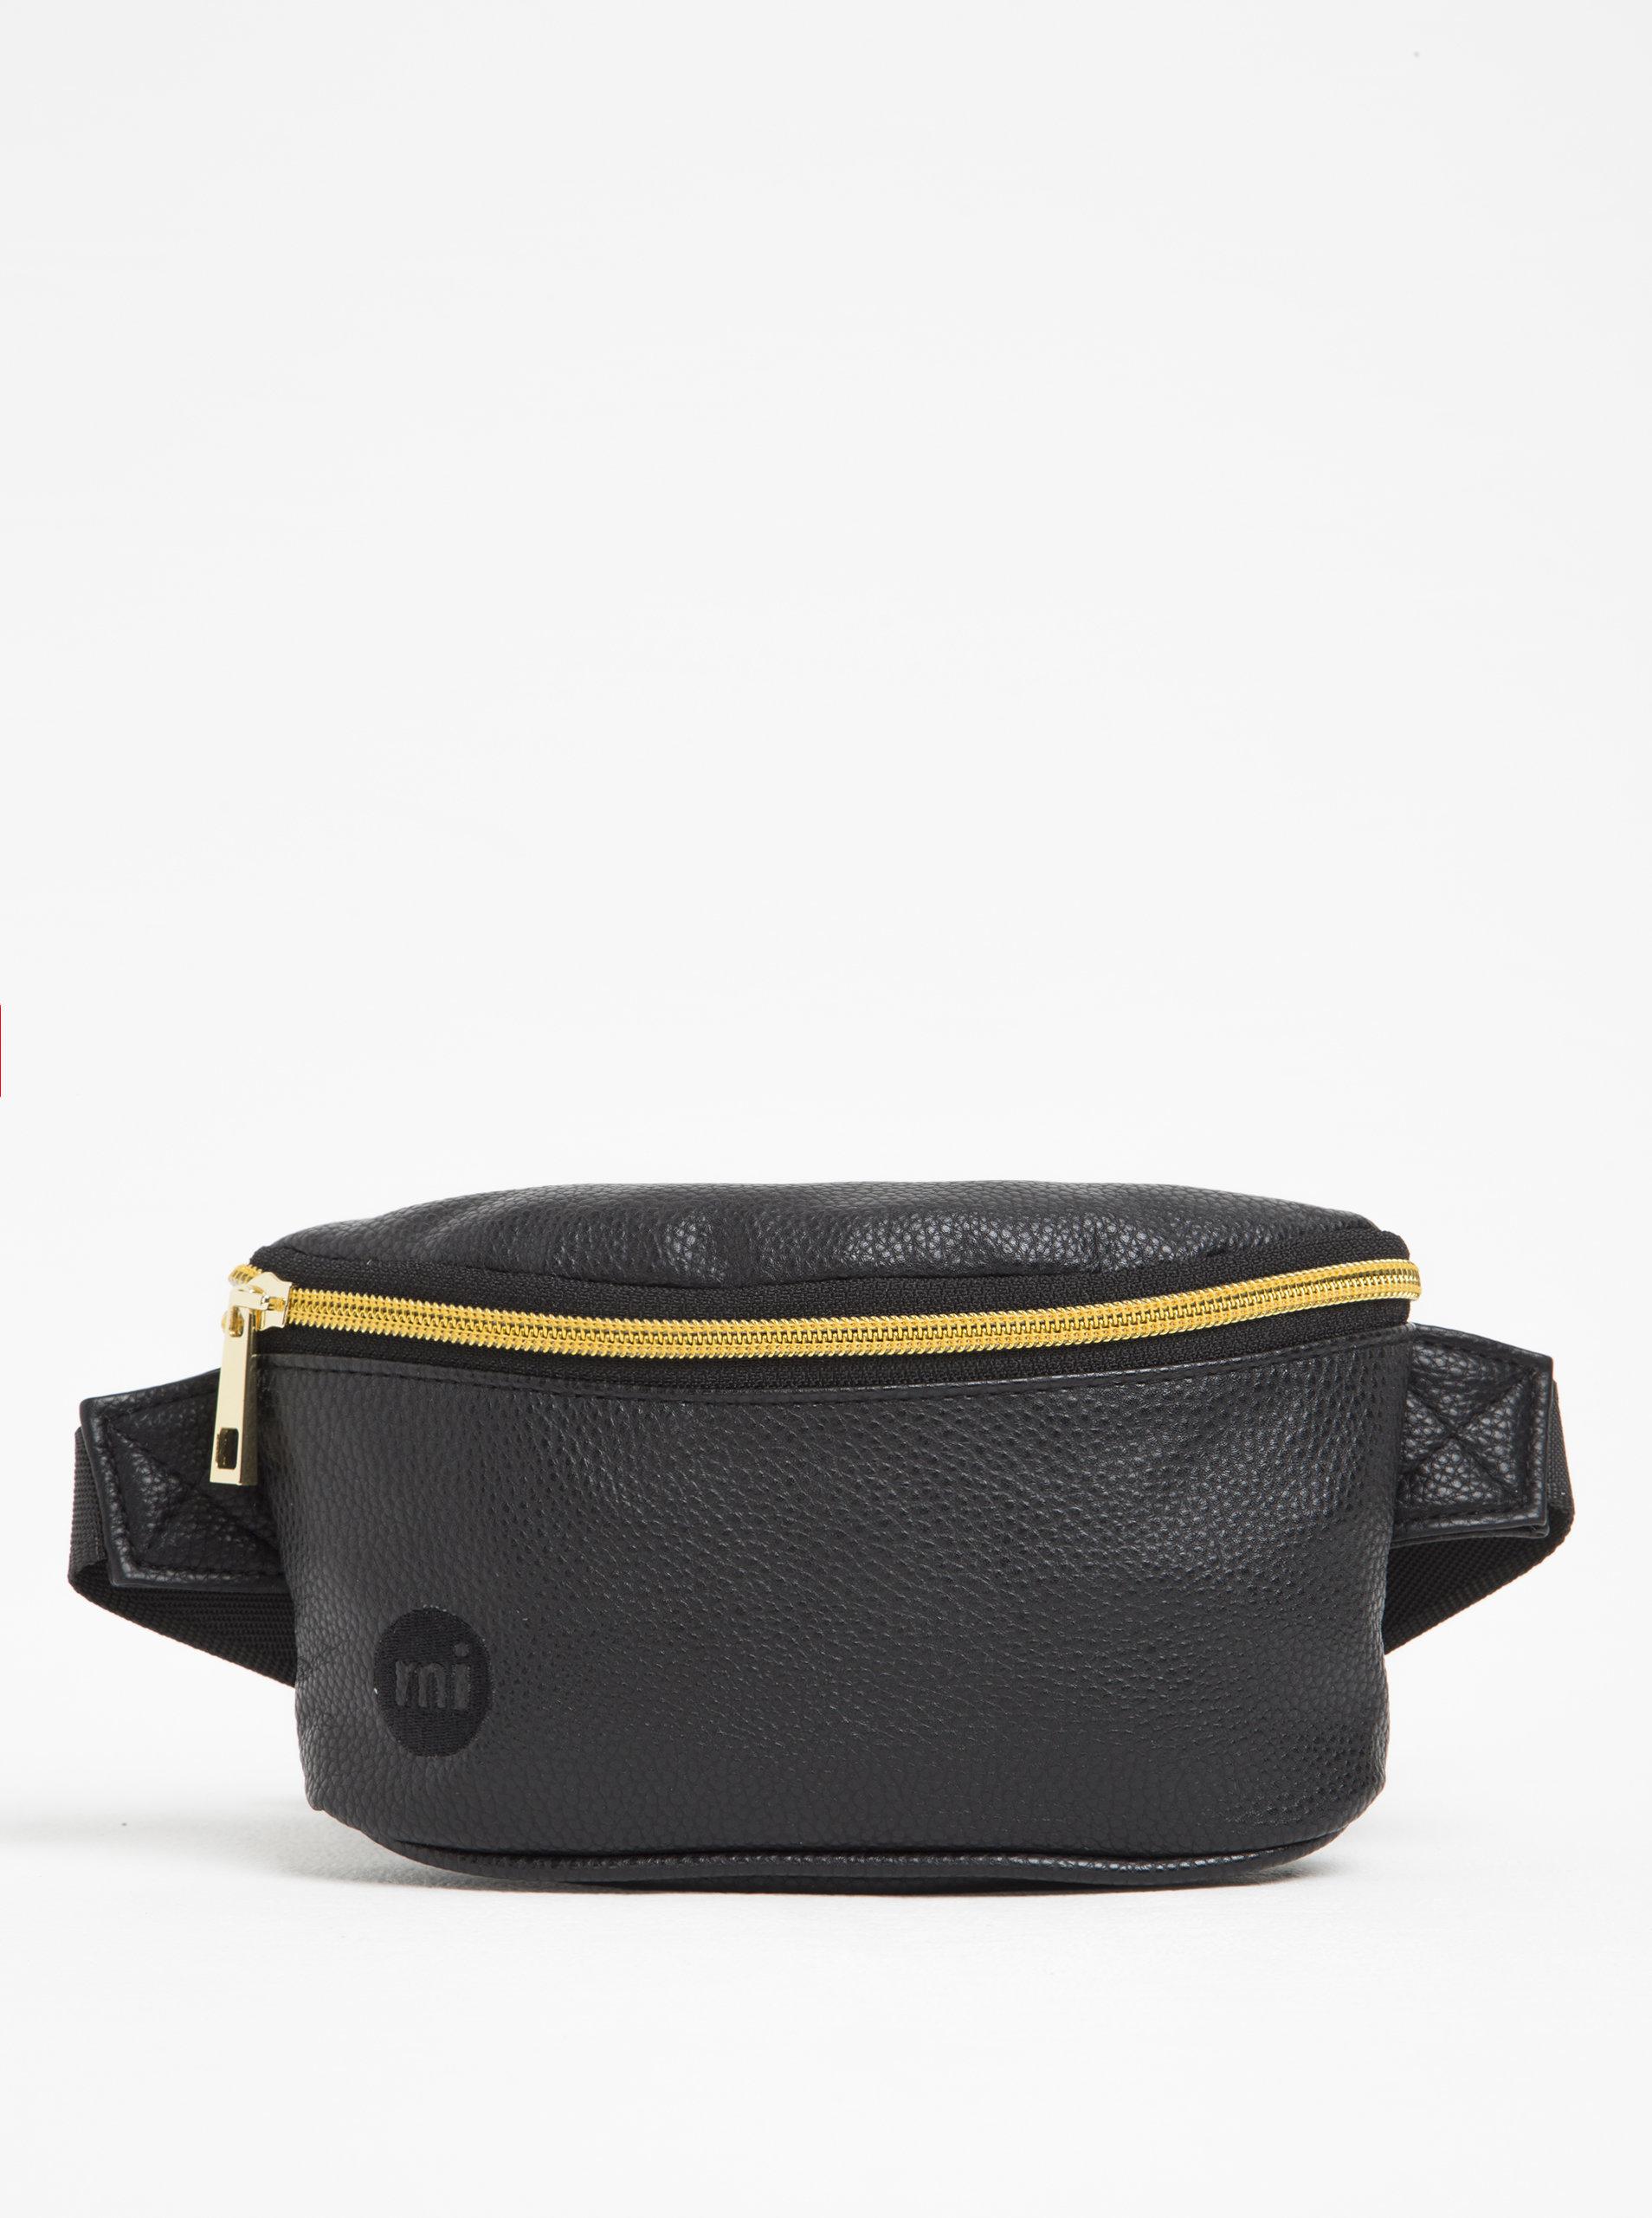 d878f5beff9 Černá dámská koženková ledvinka Mi-Pac Bum Bag Tumbled ...